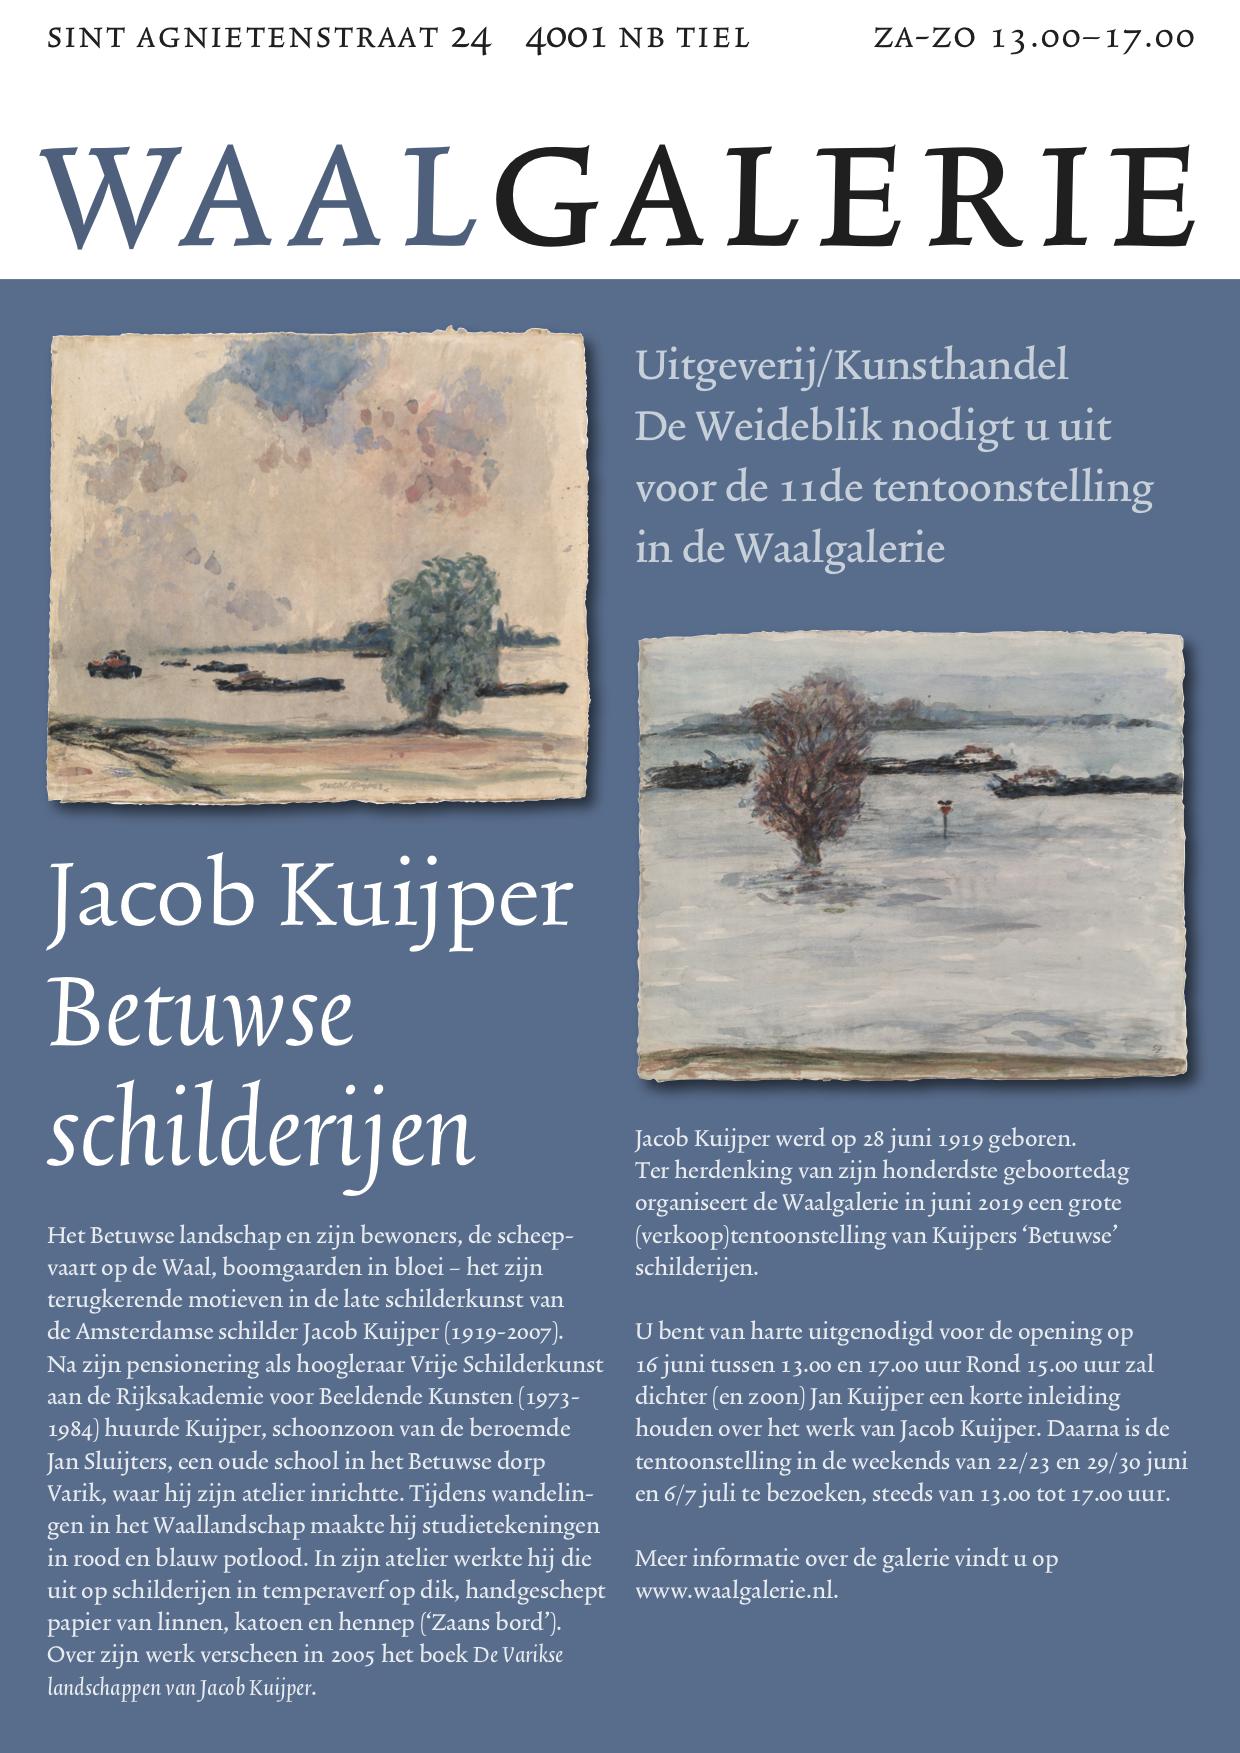 Uitnodiging Kuijper juni 2019